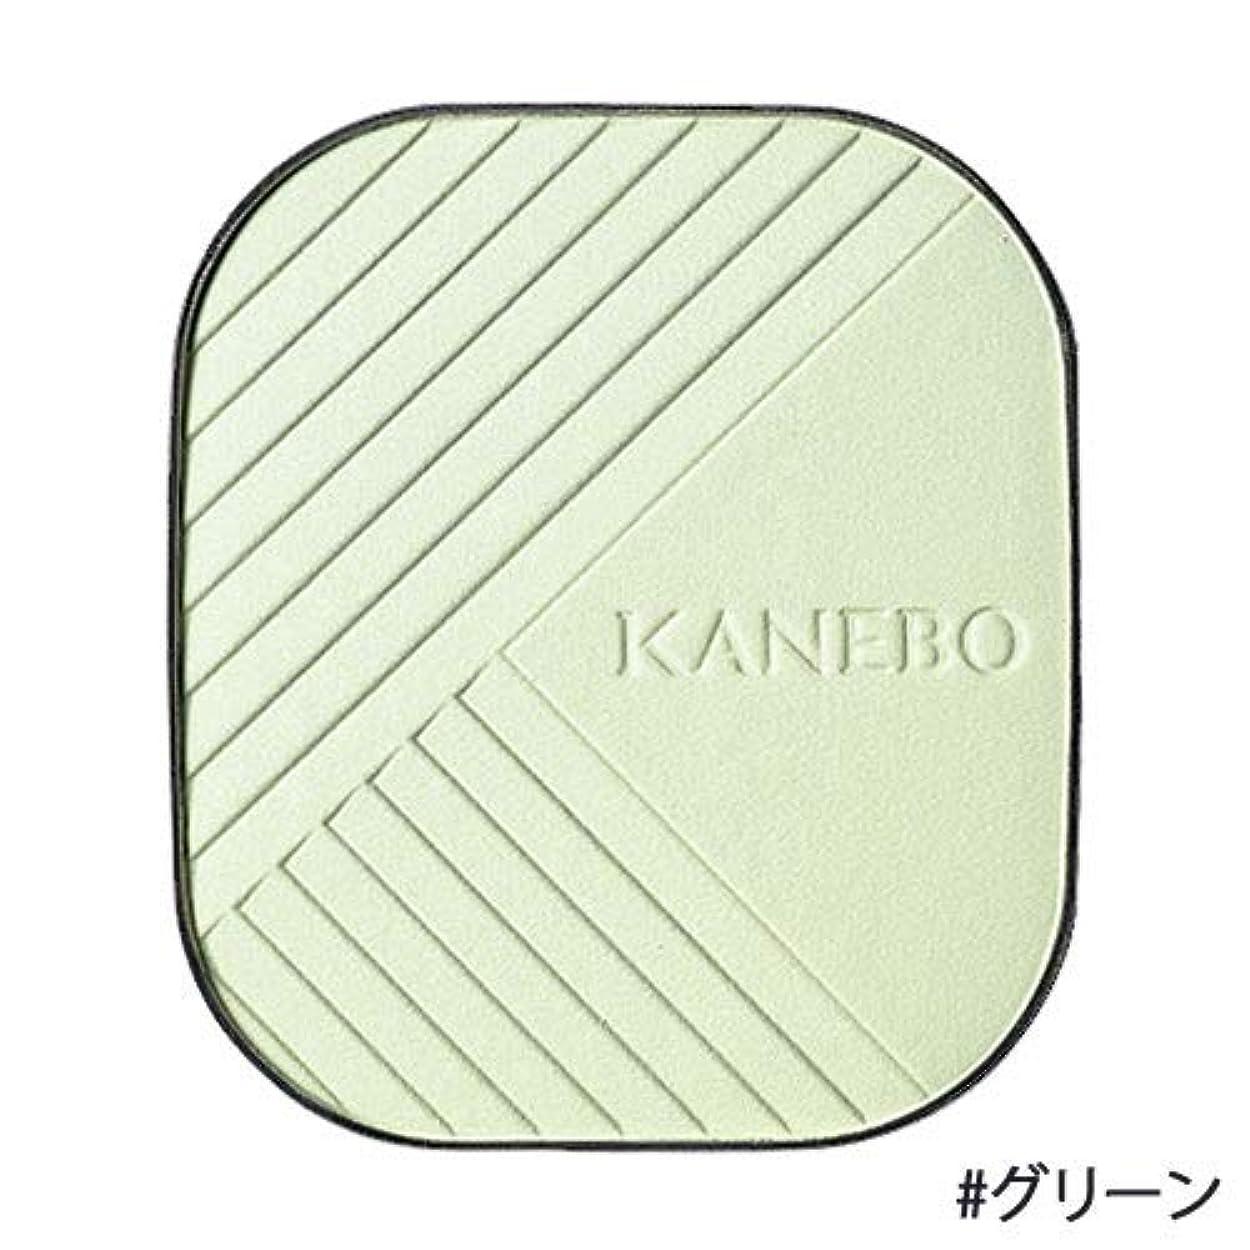 チャーミング蒸し器哲学博士KANEBO カネボウ ラスターカラーファンデーション レフィル グリーン/GN 9g [並行輸入品]